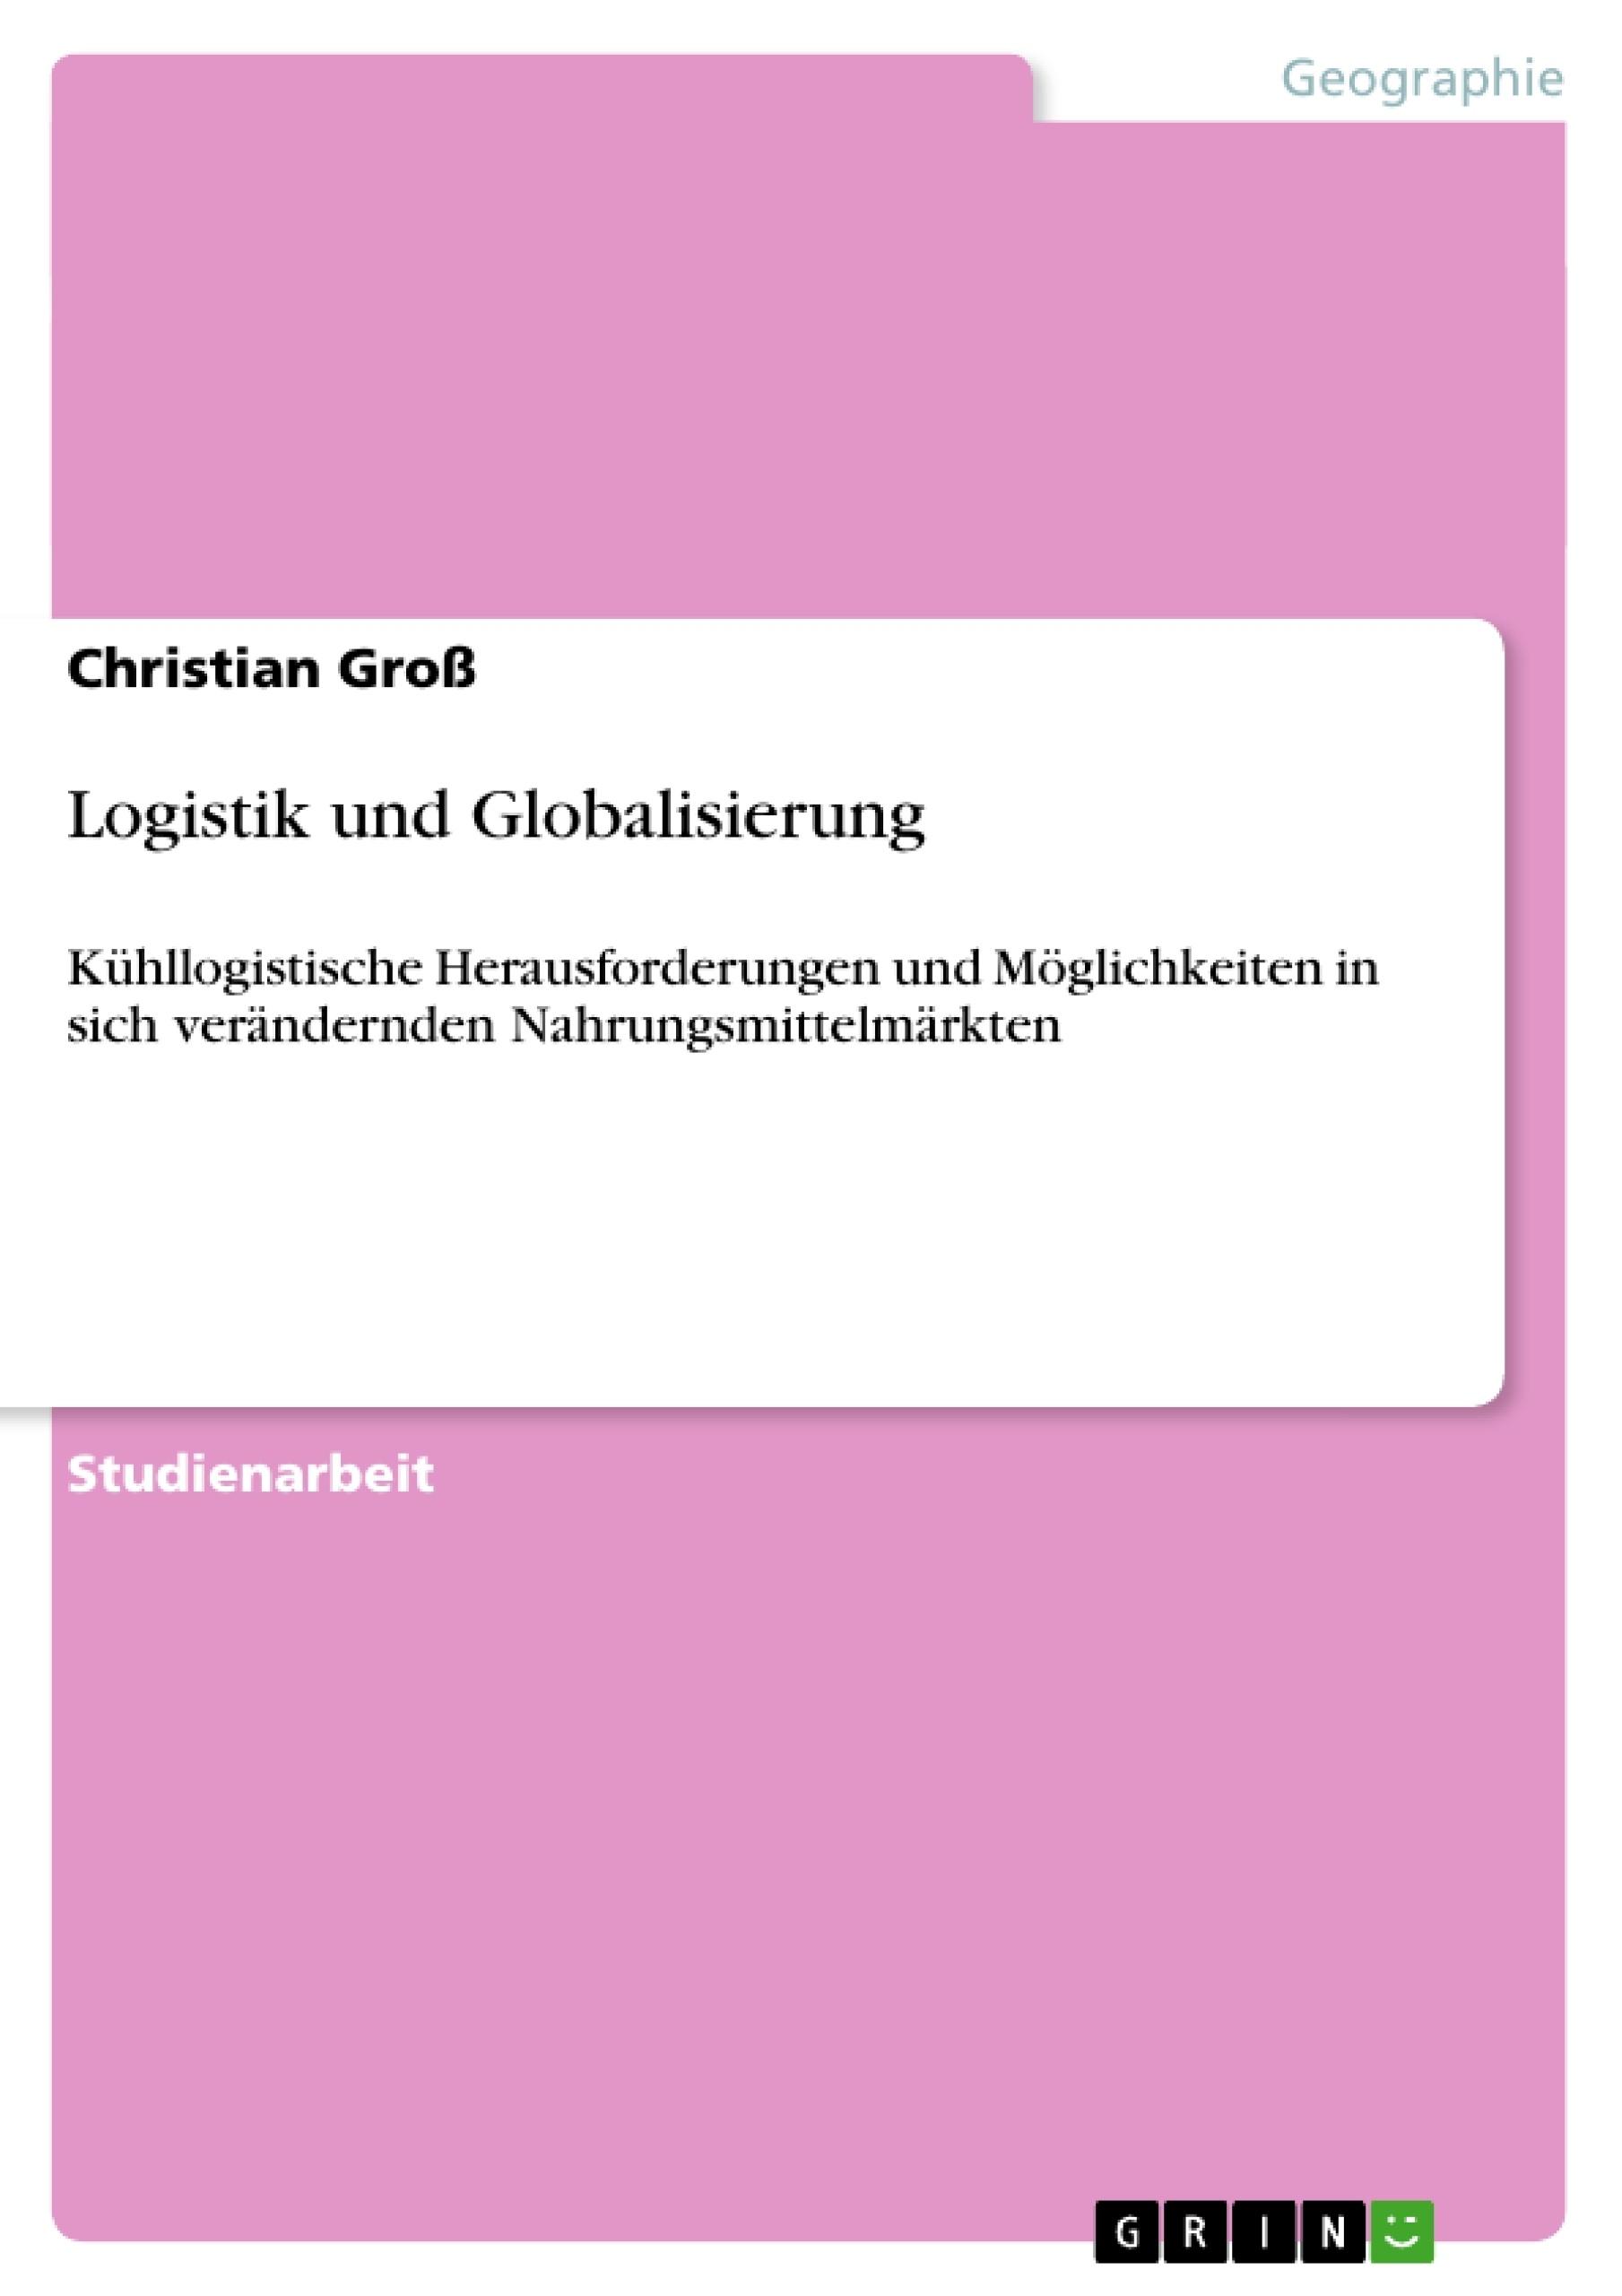 Beschaffung vor dem hintergrund der globalisierung